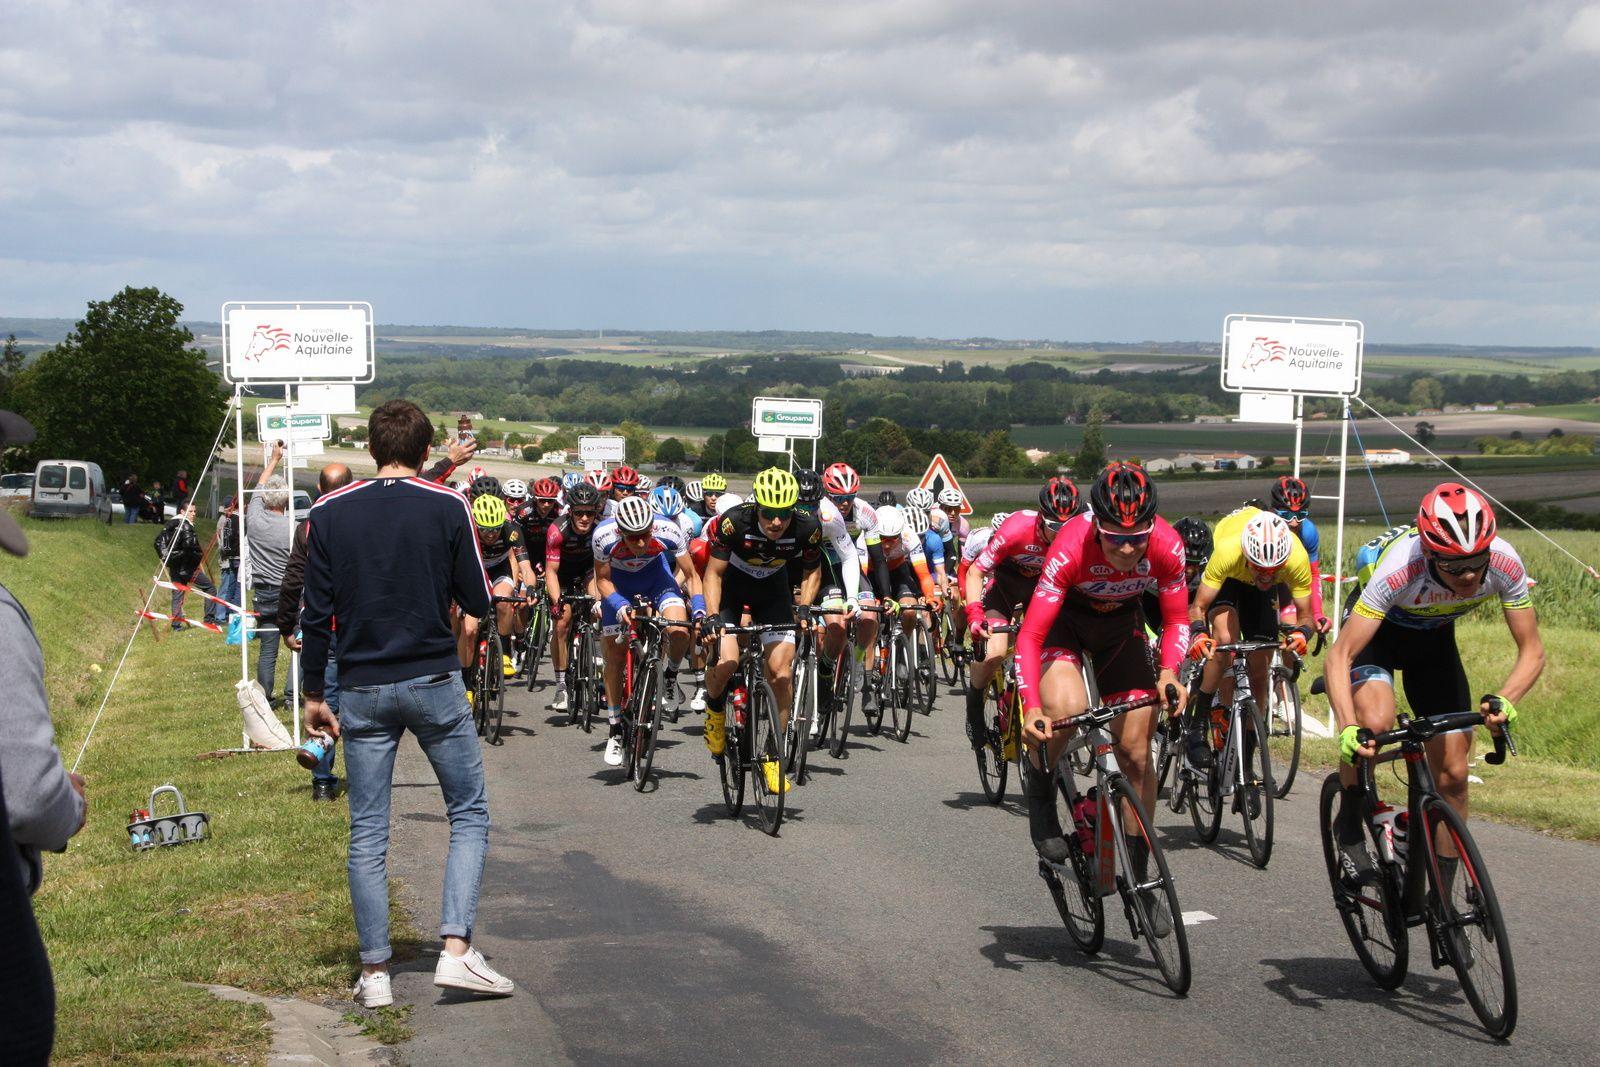 1er  passage  à  Berneuil, 1  homme  seul  en  tête,il  reste  2  tours  de  l'ancien  circuit  de  l'épreuve  de  Berneuil, disparue  depuis  longtemps.